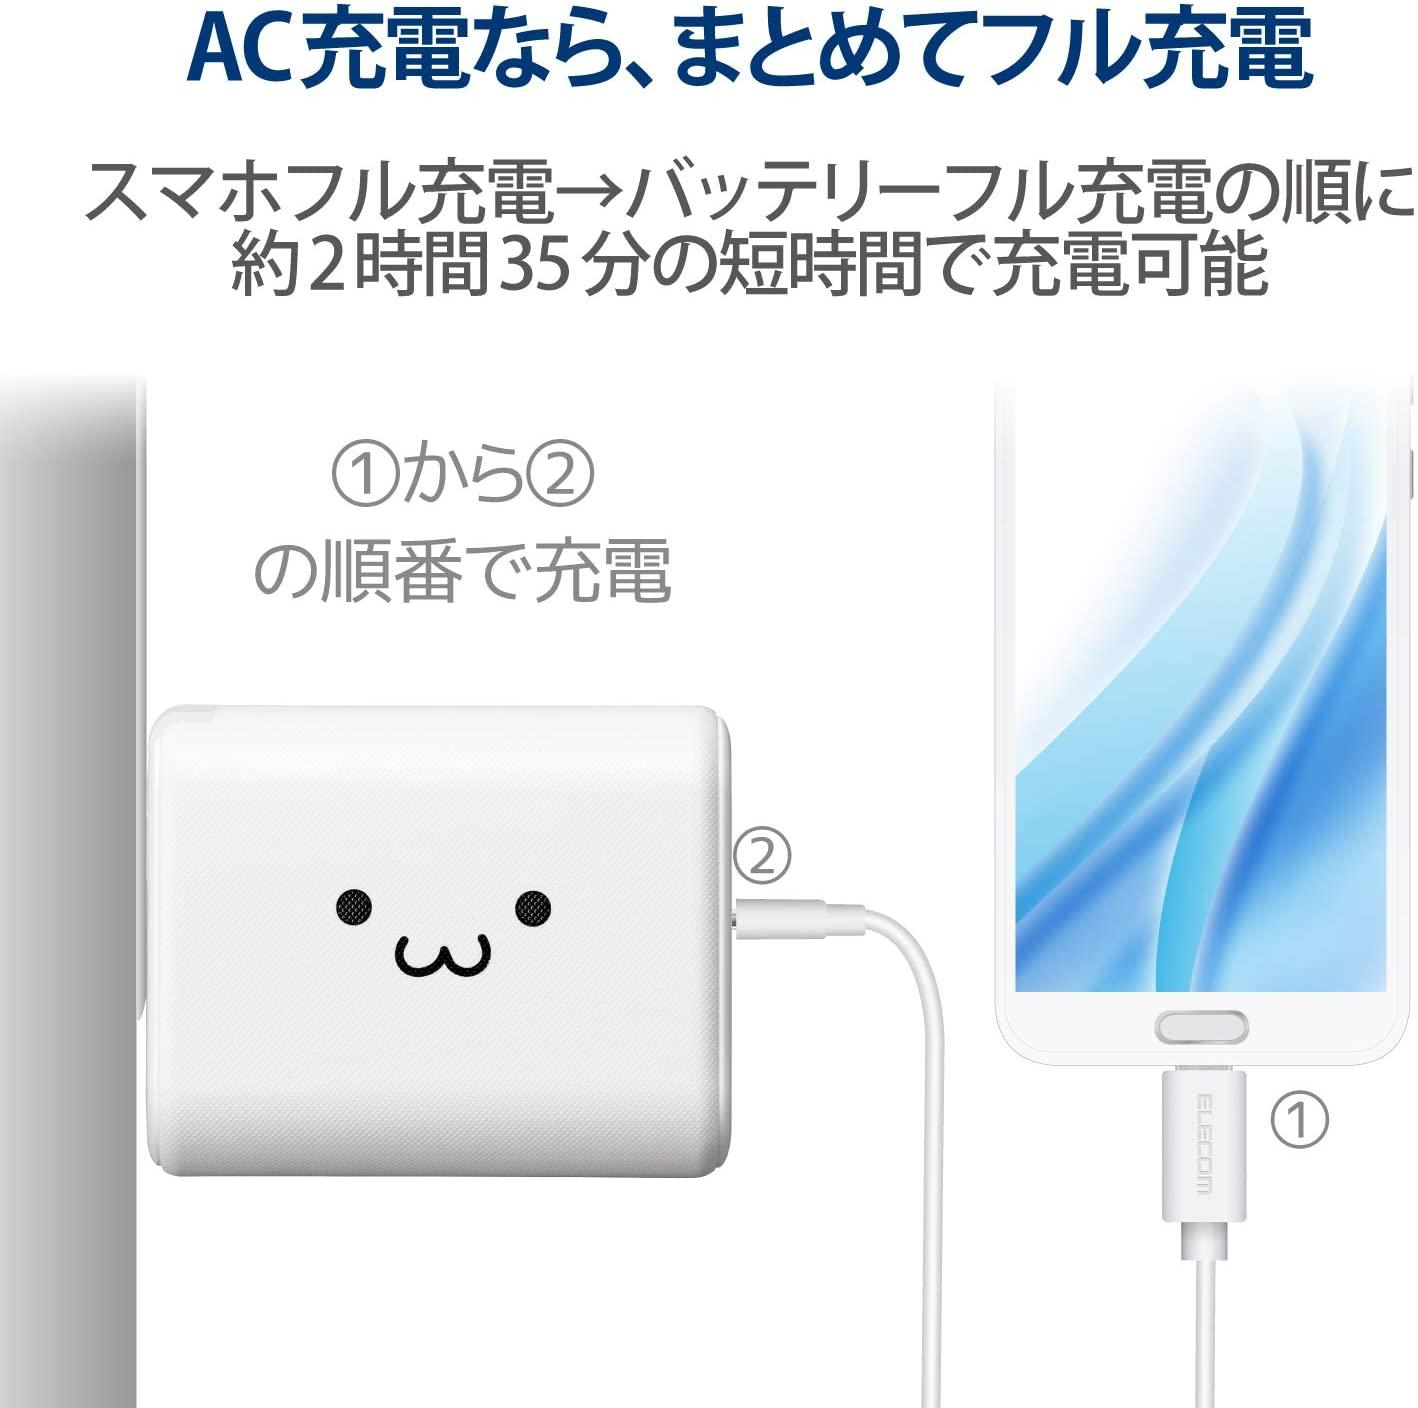 モバイルバッテリー AC USB充電器一体型 5000mAh エレコム ホワイトフェイス DE-AC03-5000WF  【新品】